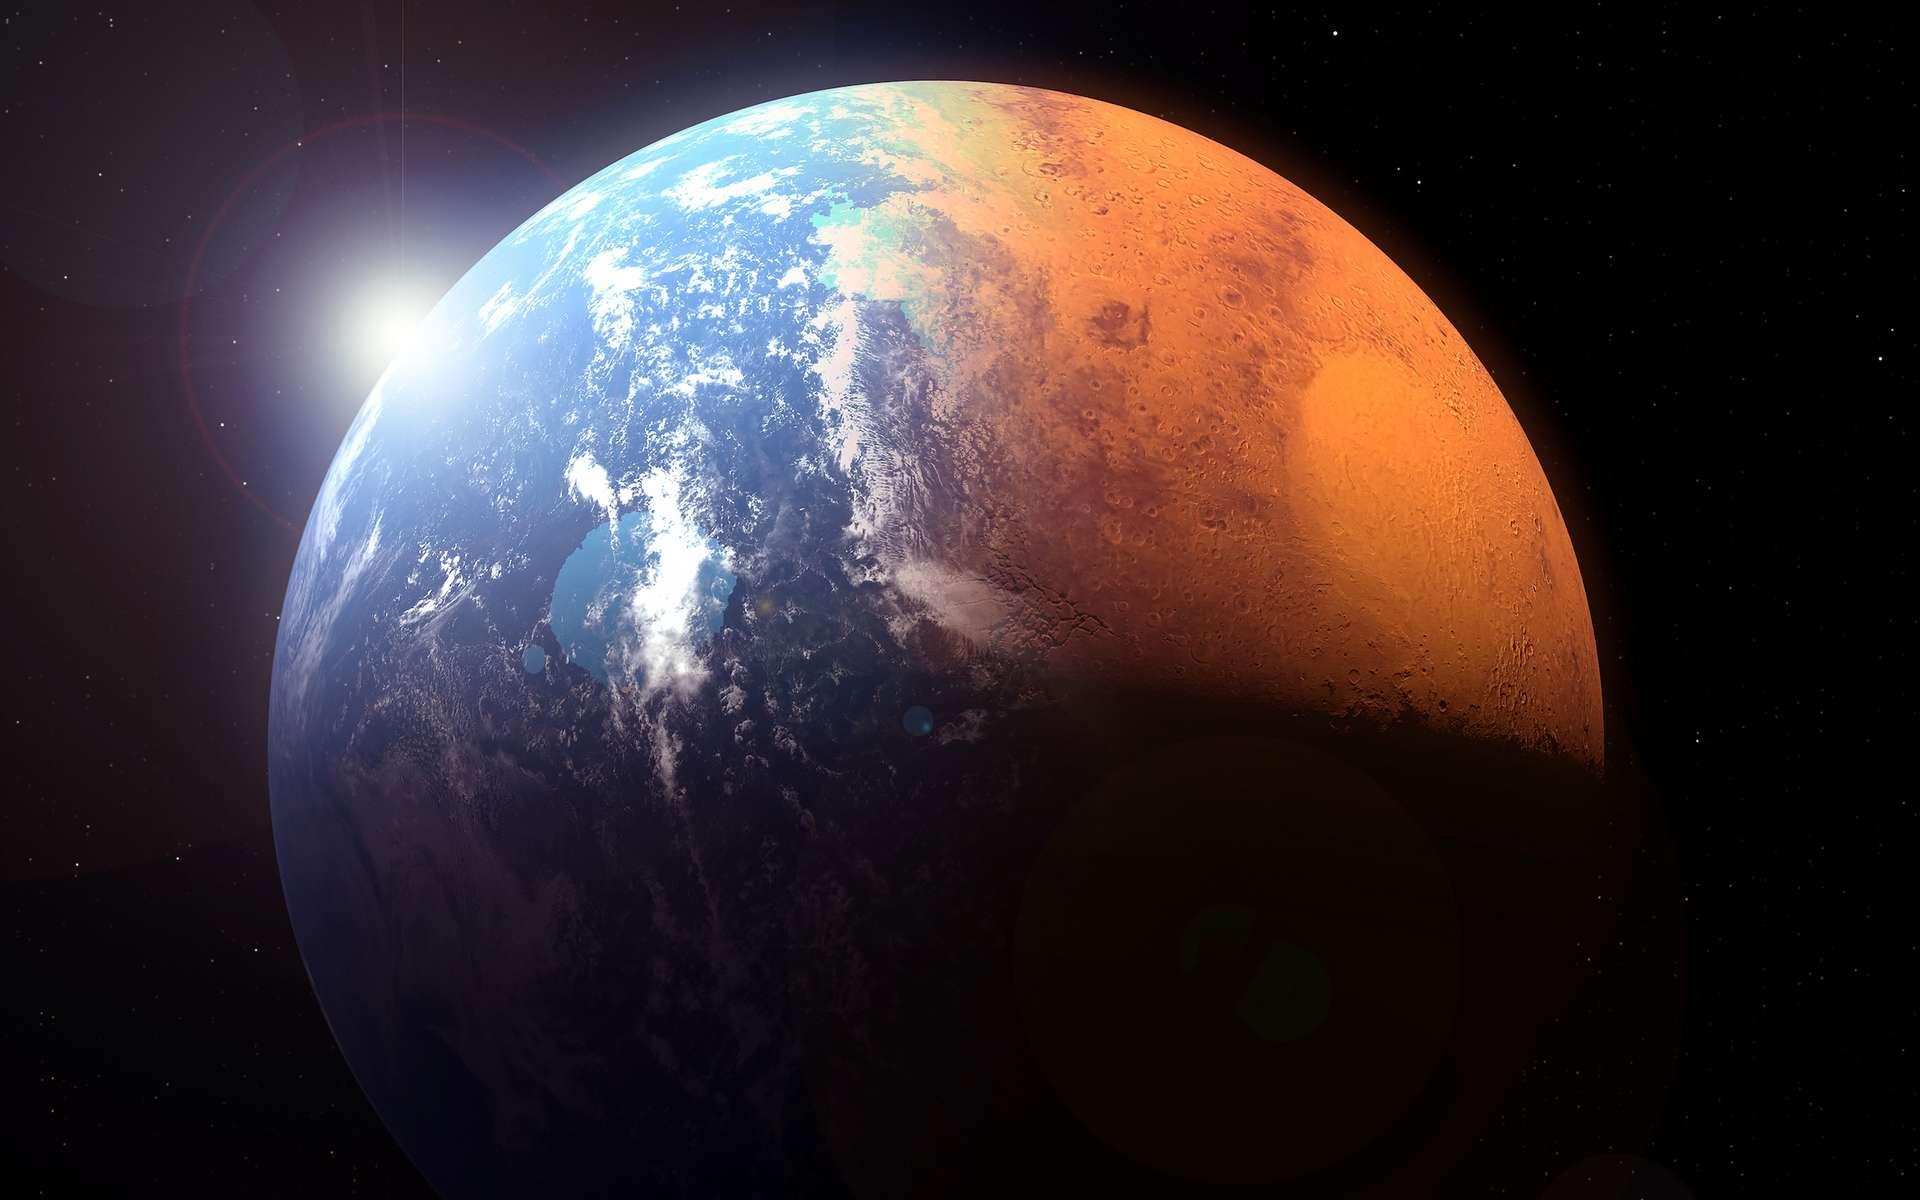 Le climat de Mars était différent il y a plus de 3,5 milliards d'années qu'aujourd'hui. © Artsiom Petrushenka, Adobe Stock